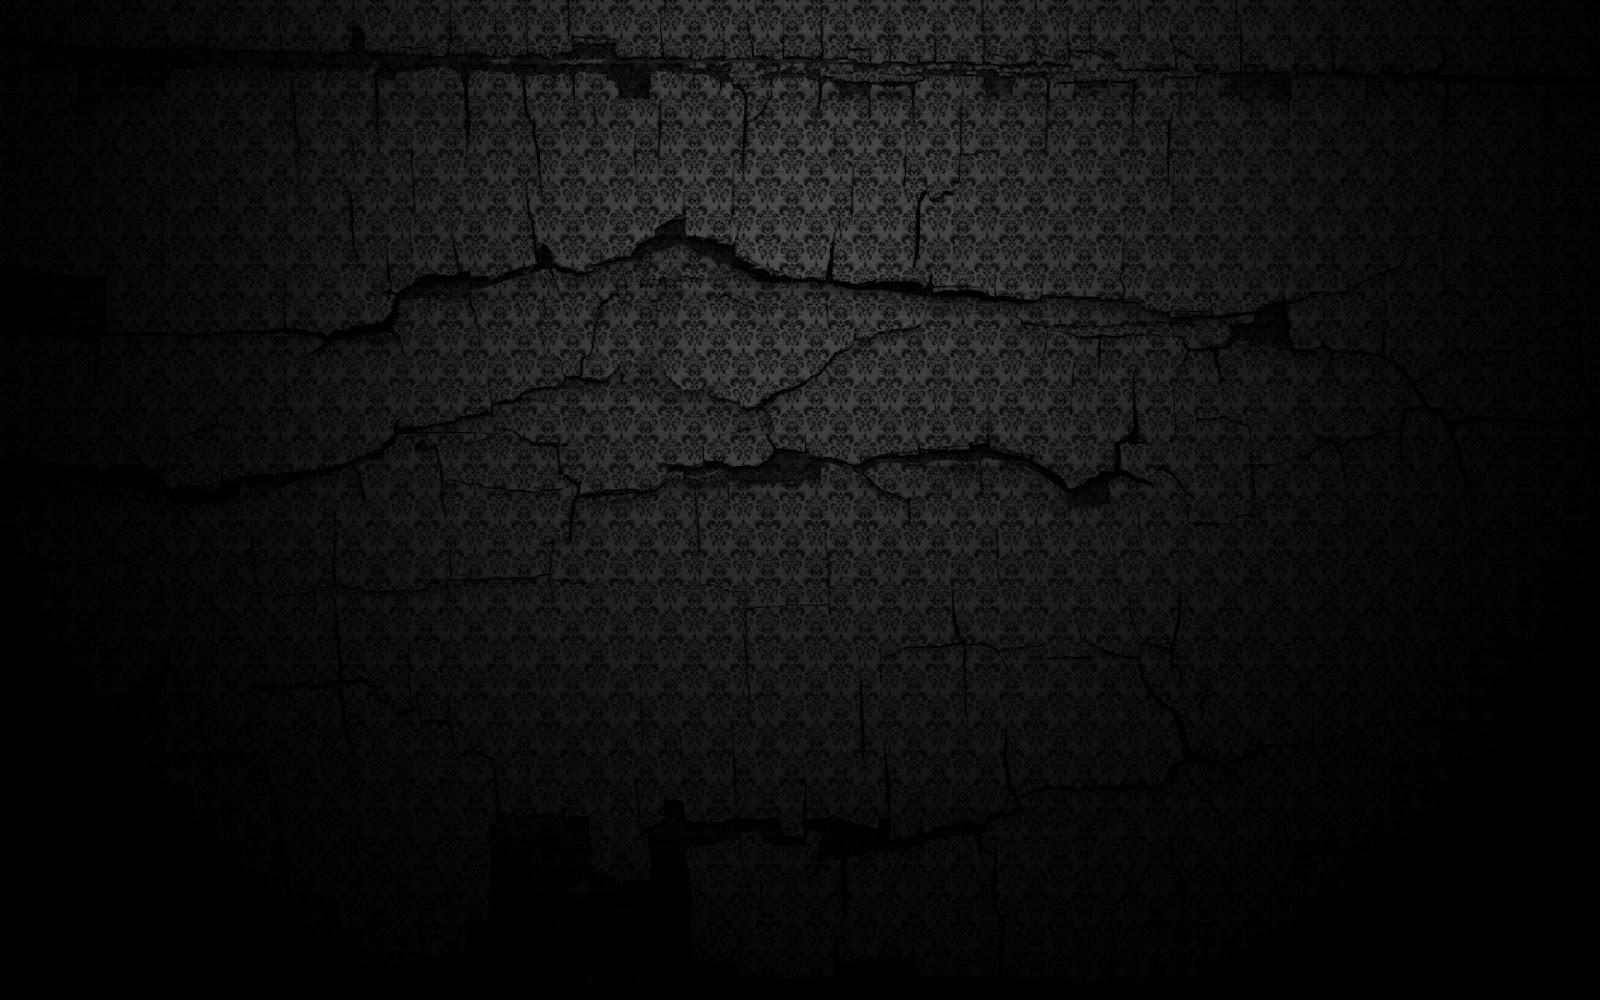 hd black wallpaper wallpapersafari